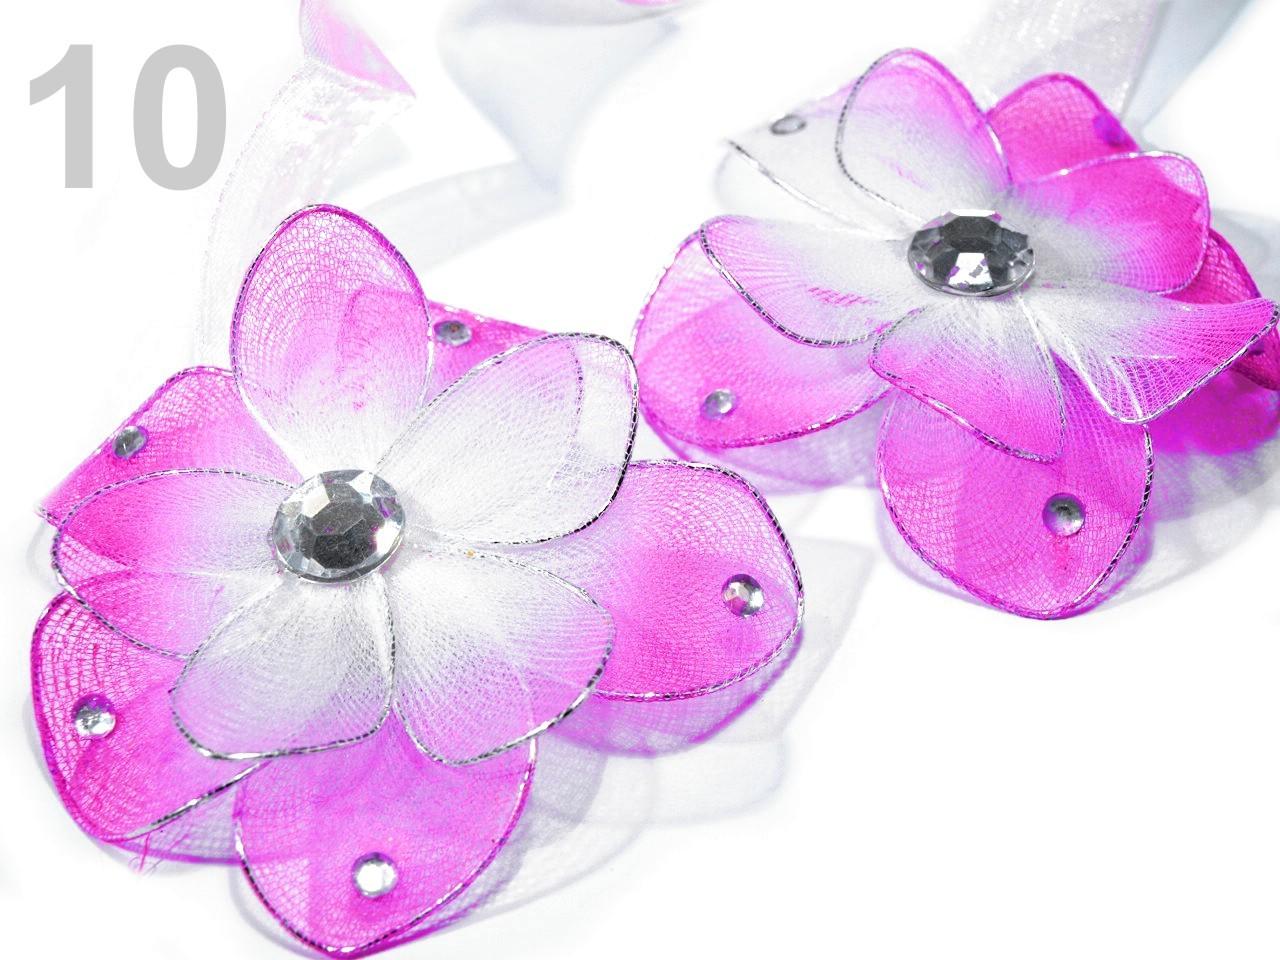 Ozdobná spona na závěsy s magnetem rozměr 8x33cm květina 4ks - 35 Kč / ks 10 růžovofialová